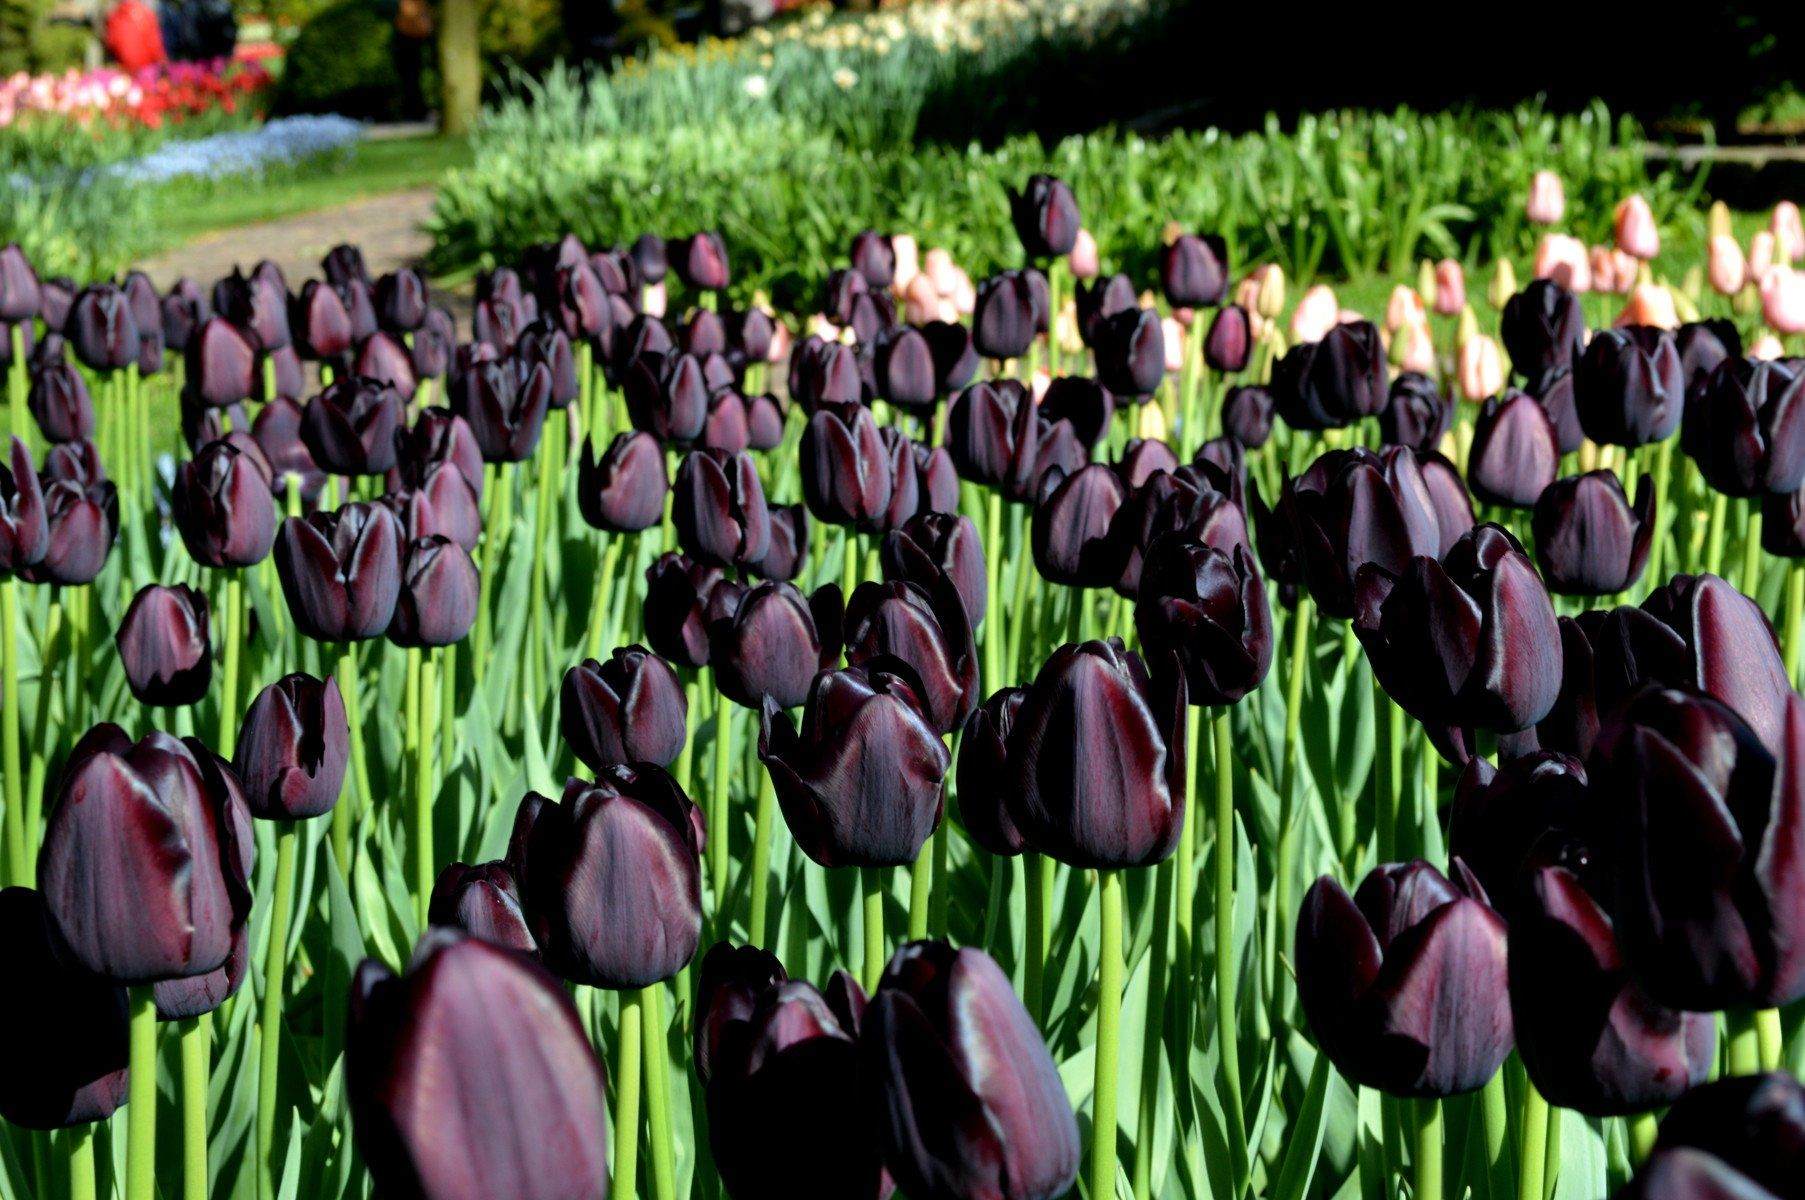 Queen night black tulip images